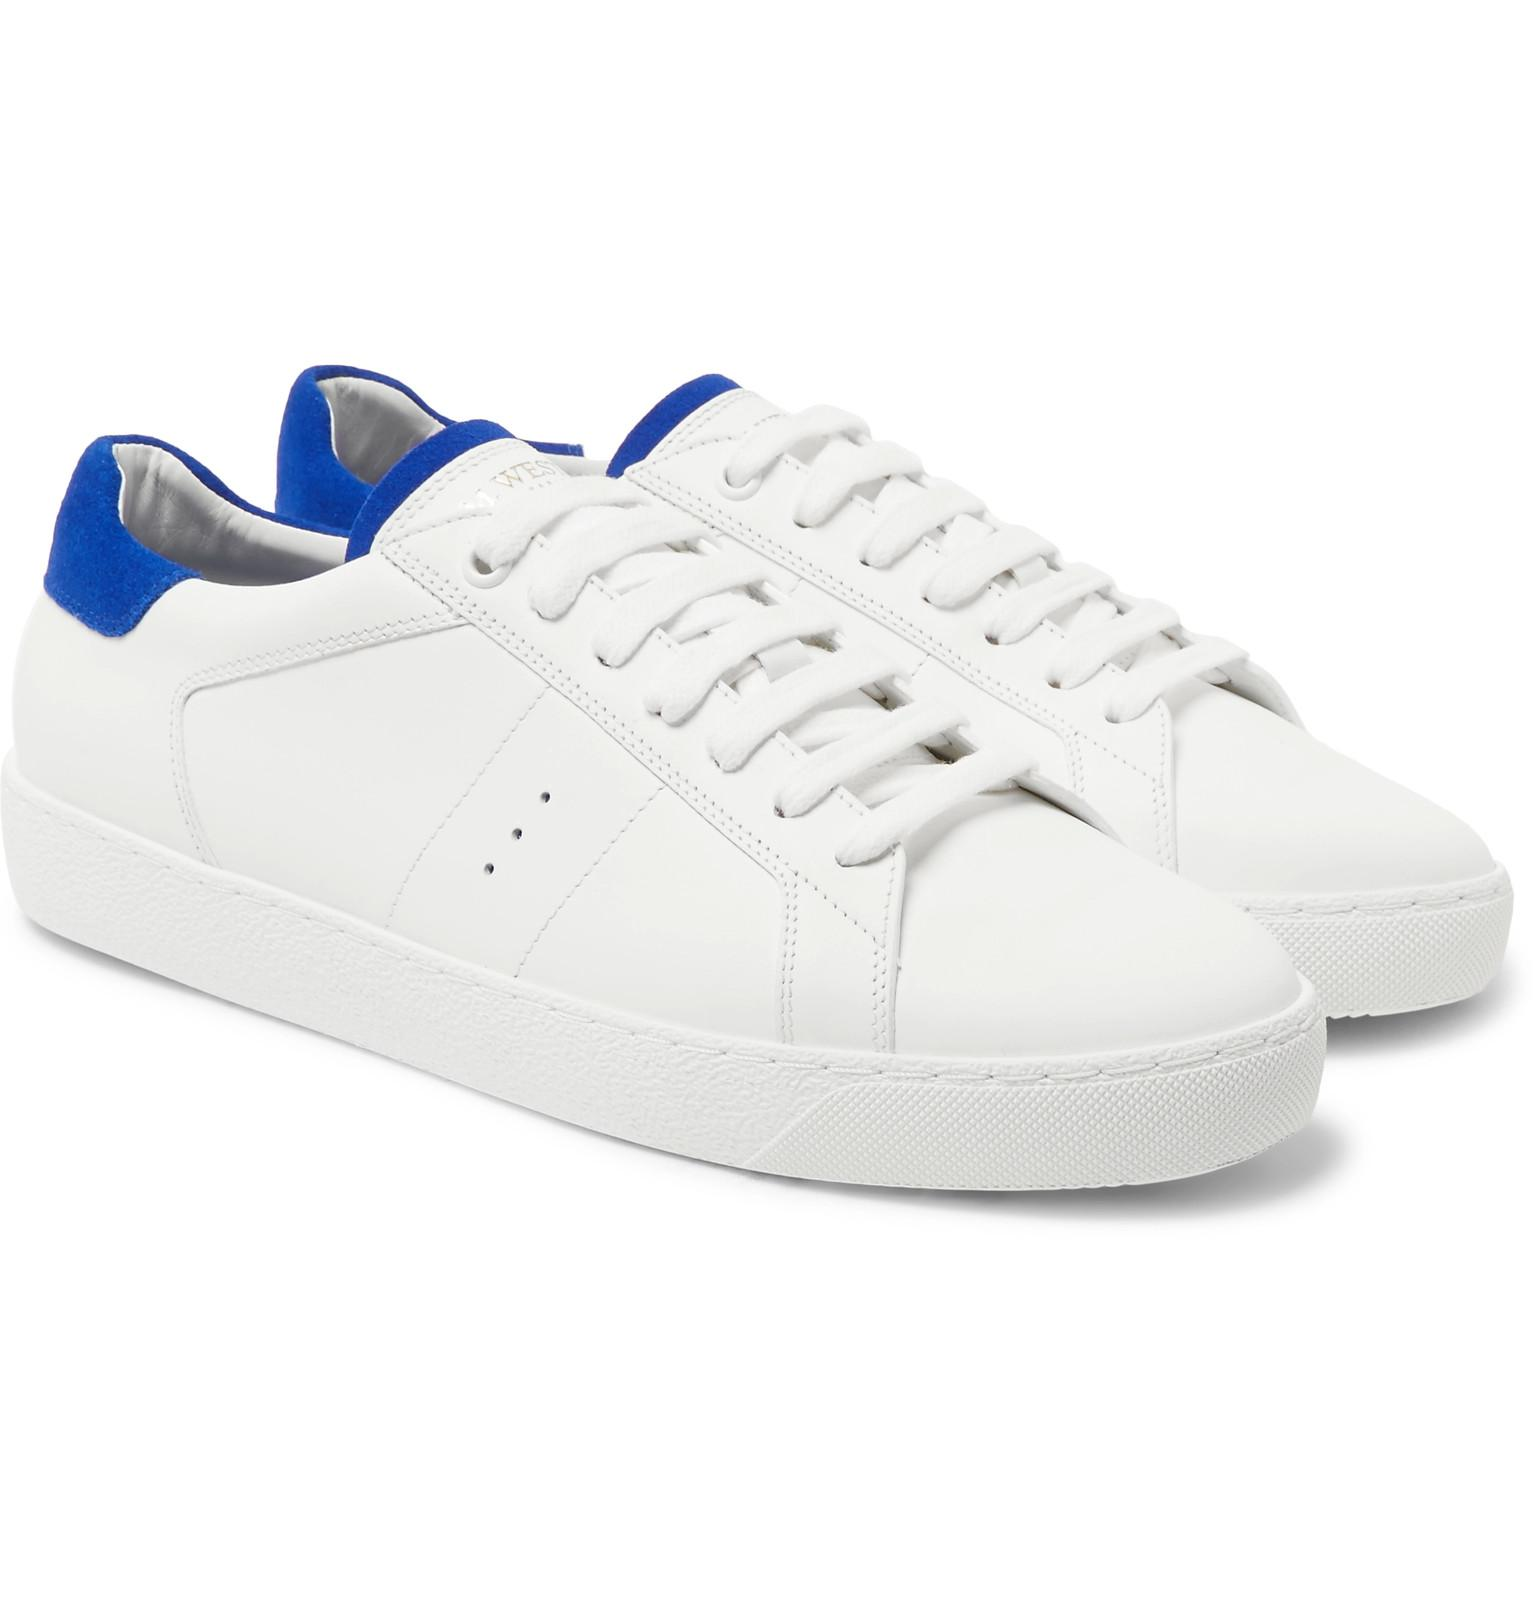 Sneaker weston